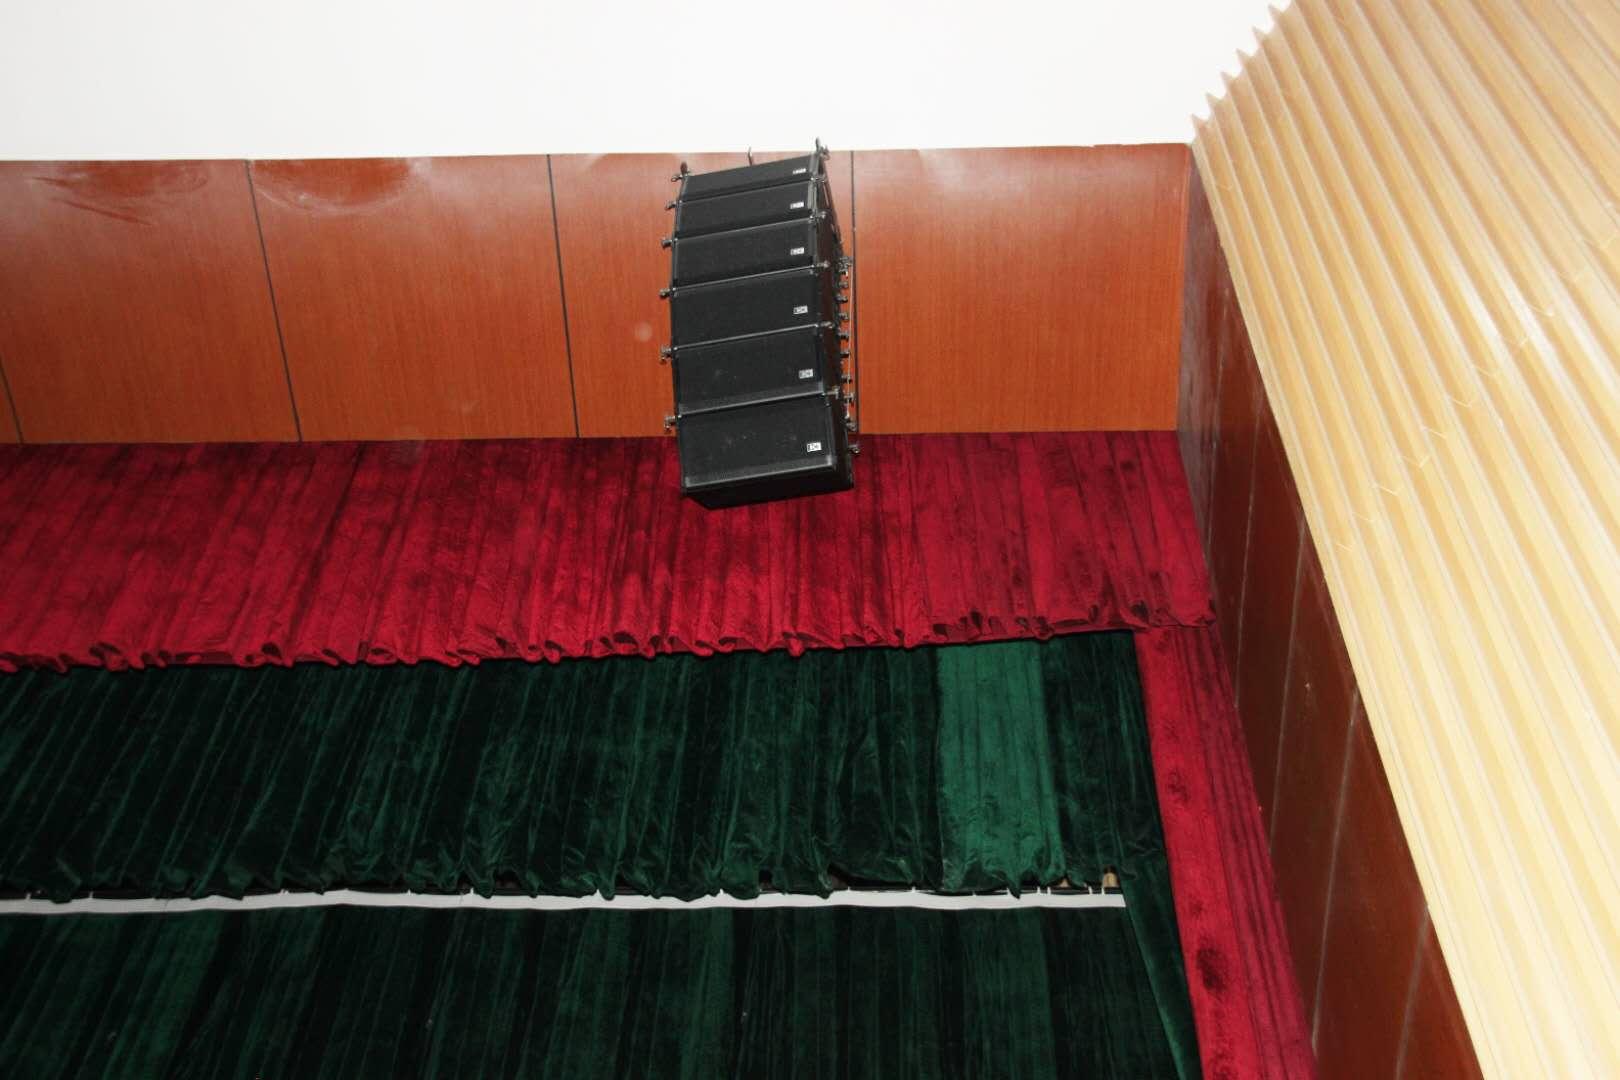 音响设备在舞台演出中的运用